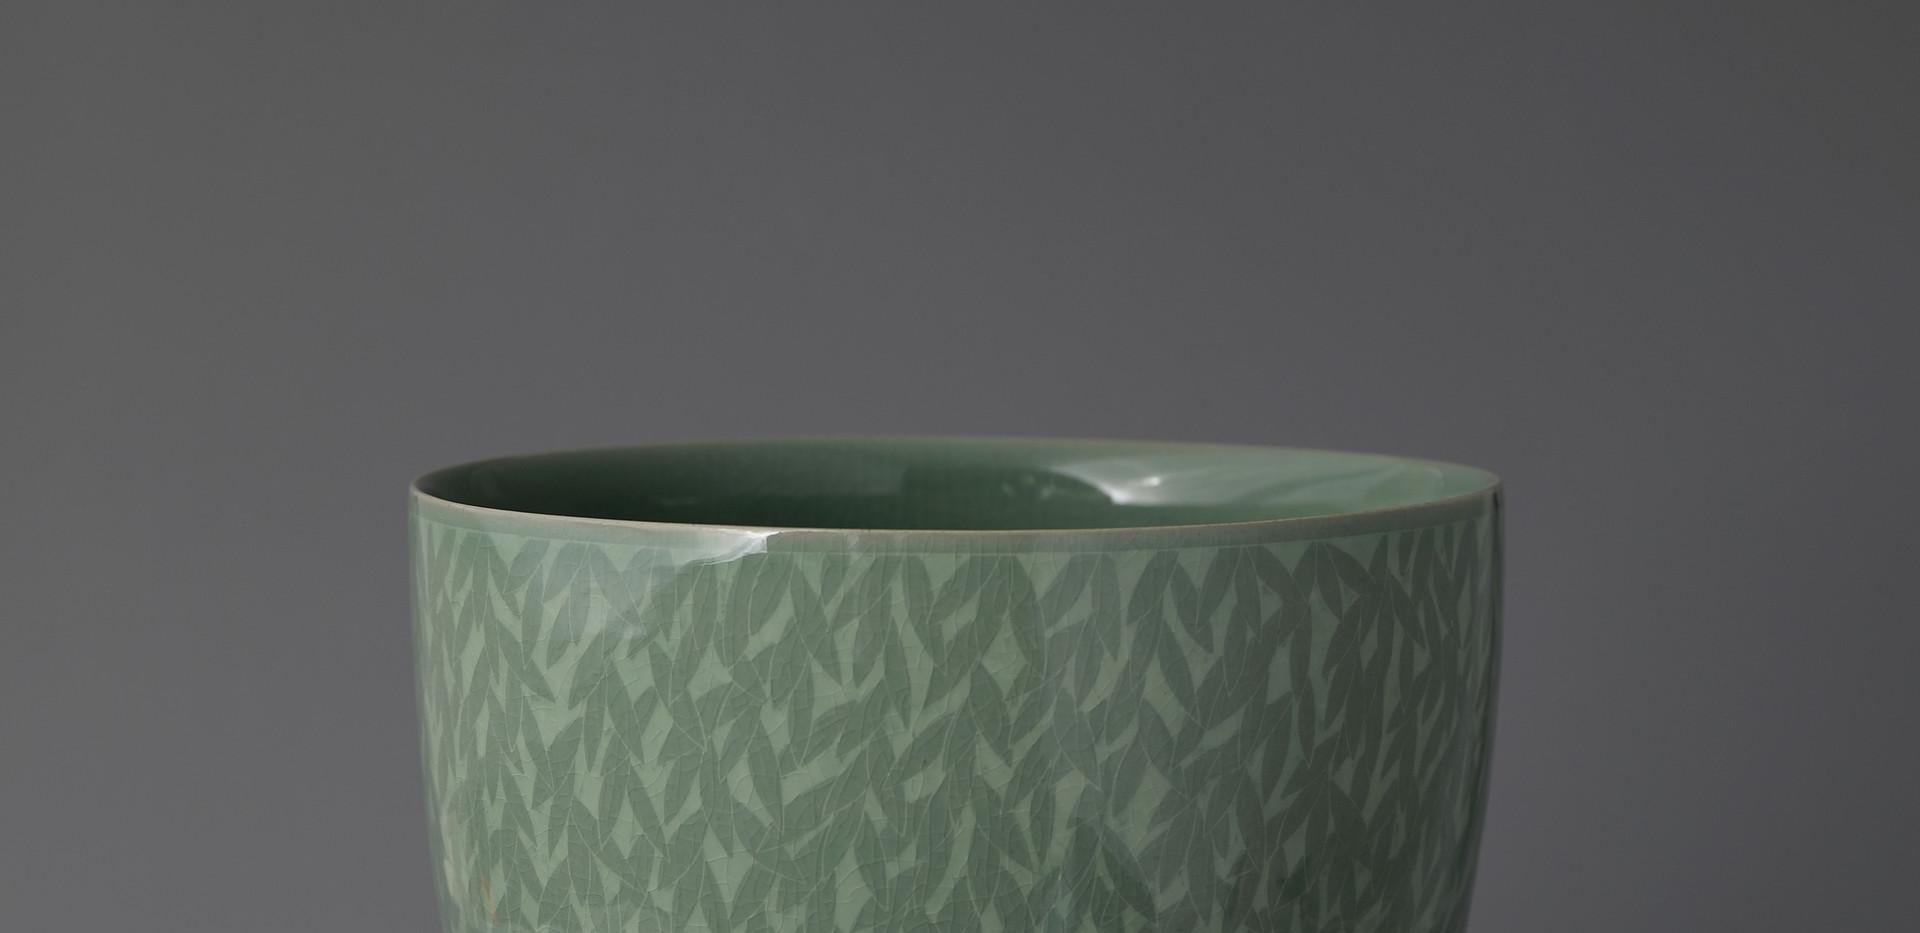 Large Celadon Vase with Inlaid Leaf Design, 2020